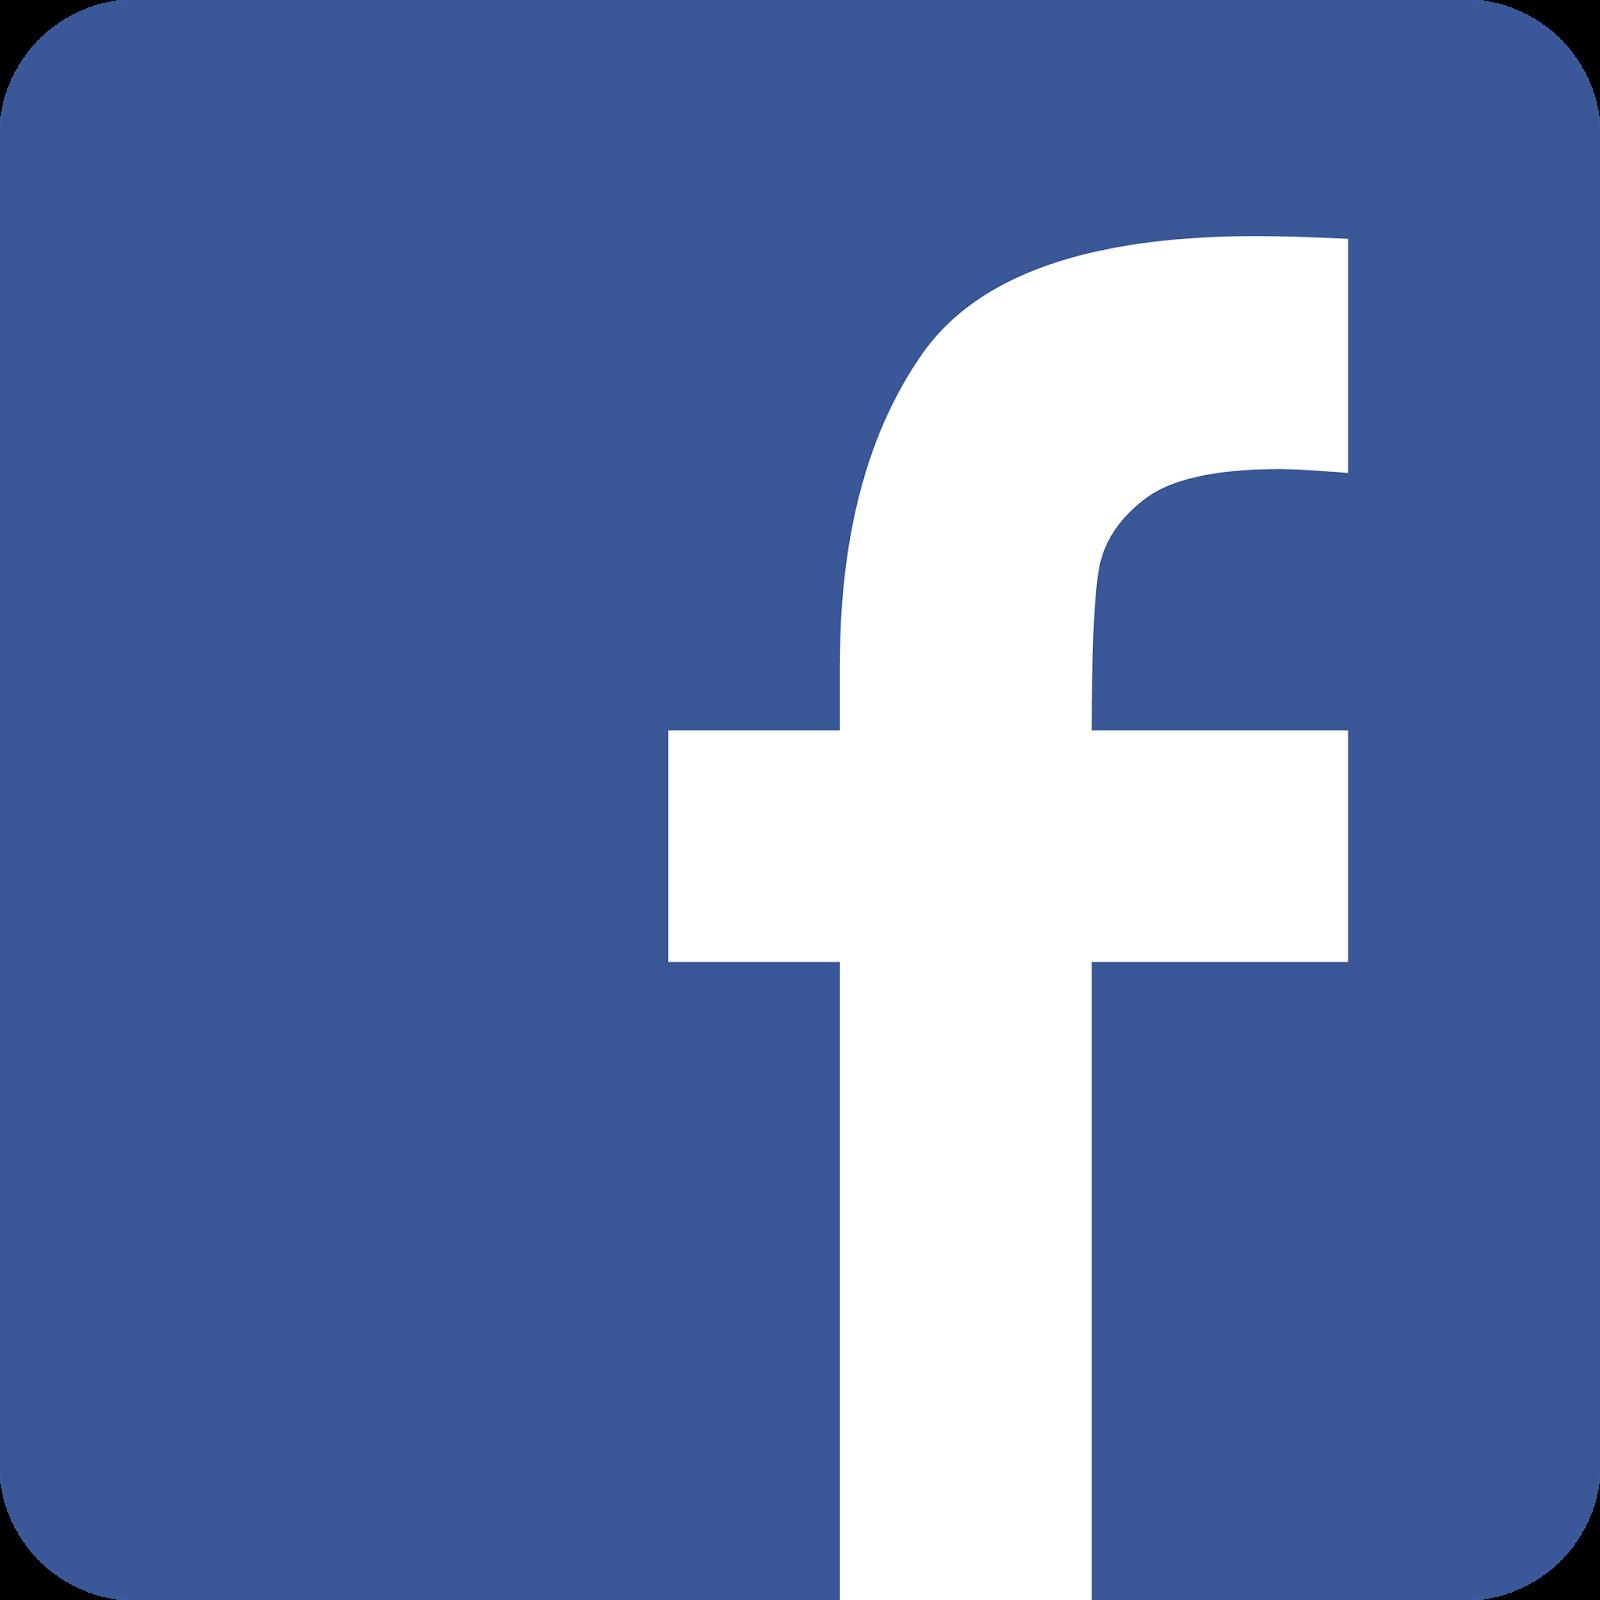 Facebook : LEXAMIN